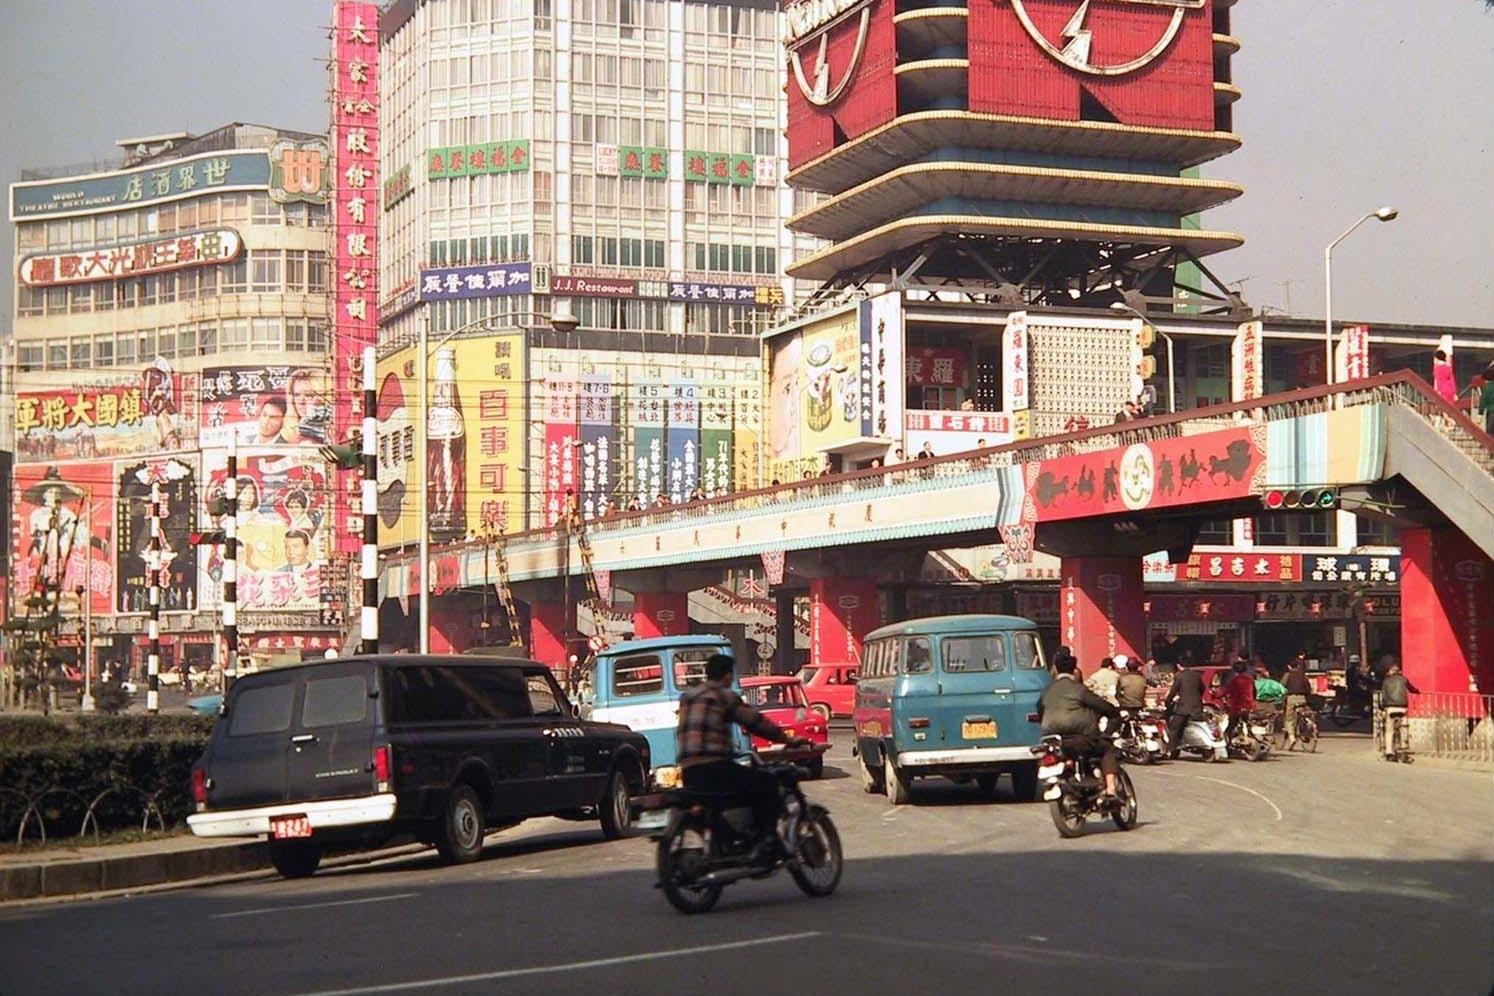 1970 Taipei Shimending traffic circle by N. Carpenter